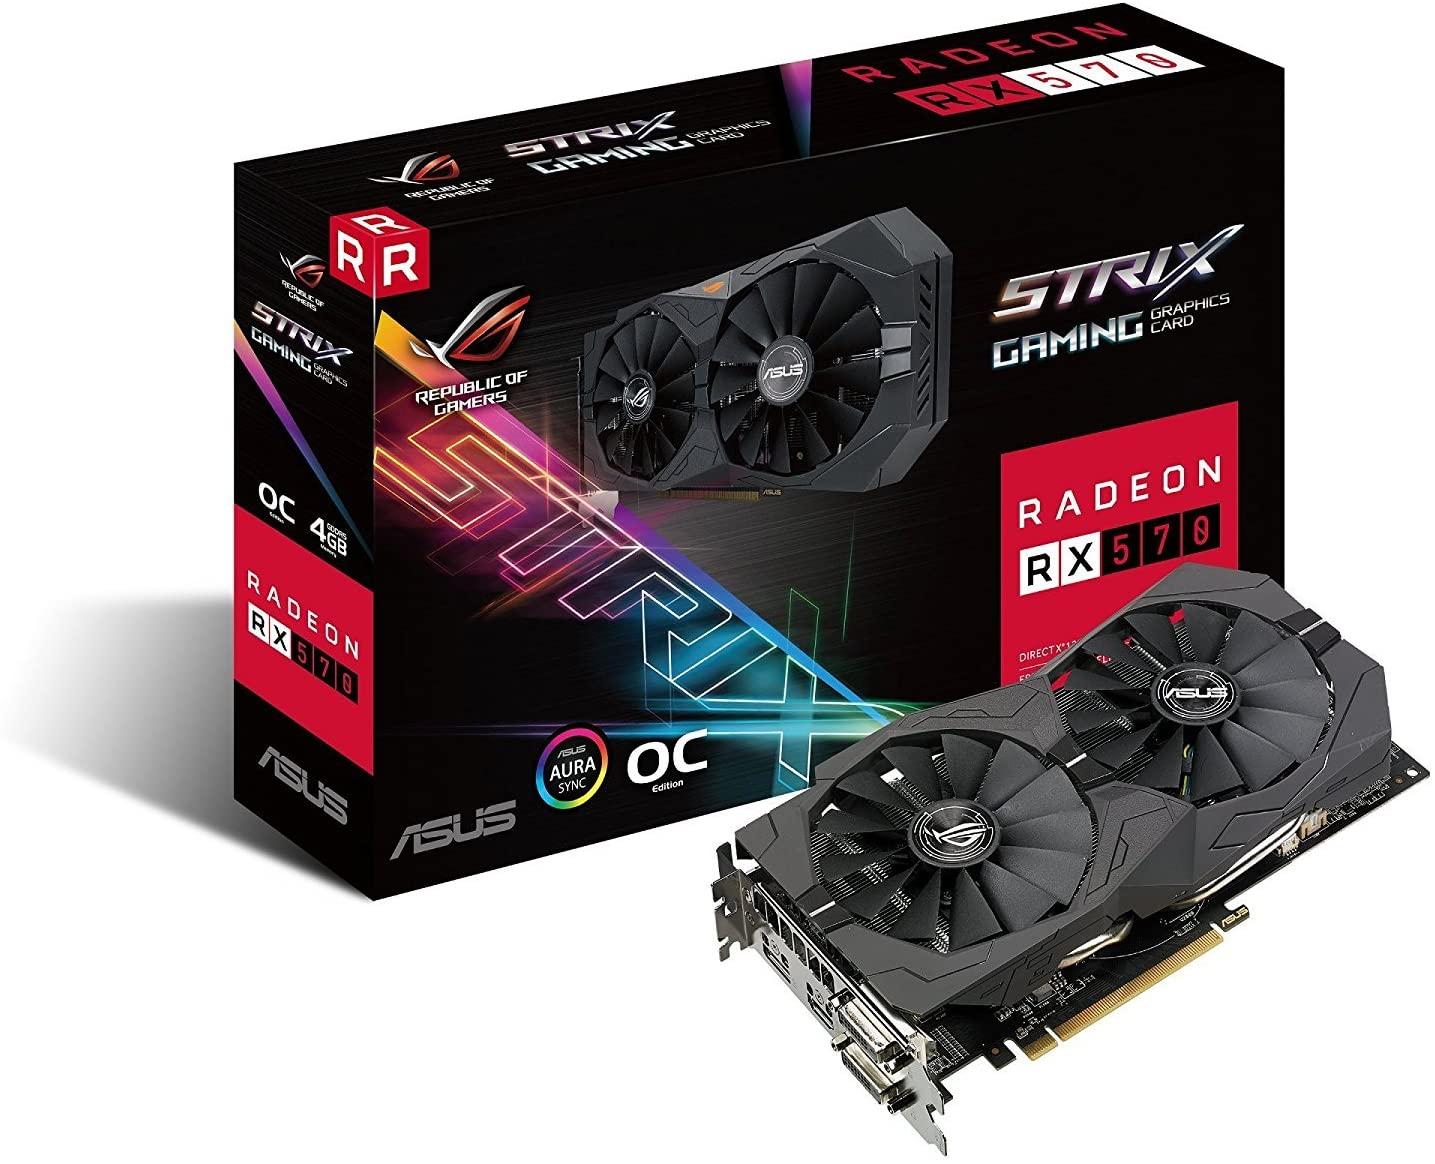 3.예상수령일 2-6일 이내 ASUSTek ASUS 그래픽 카드 Strix 시리즈 AMD Radeon RX570 탑재 비디오 카드 ROG, 상세 설명 참조0